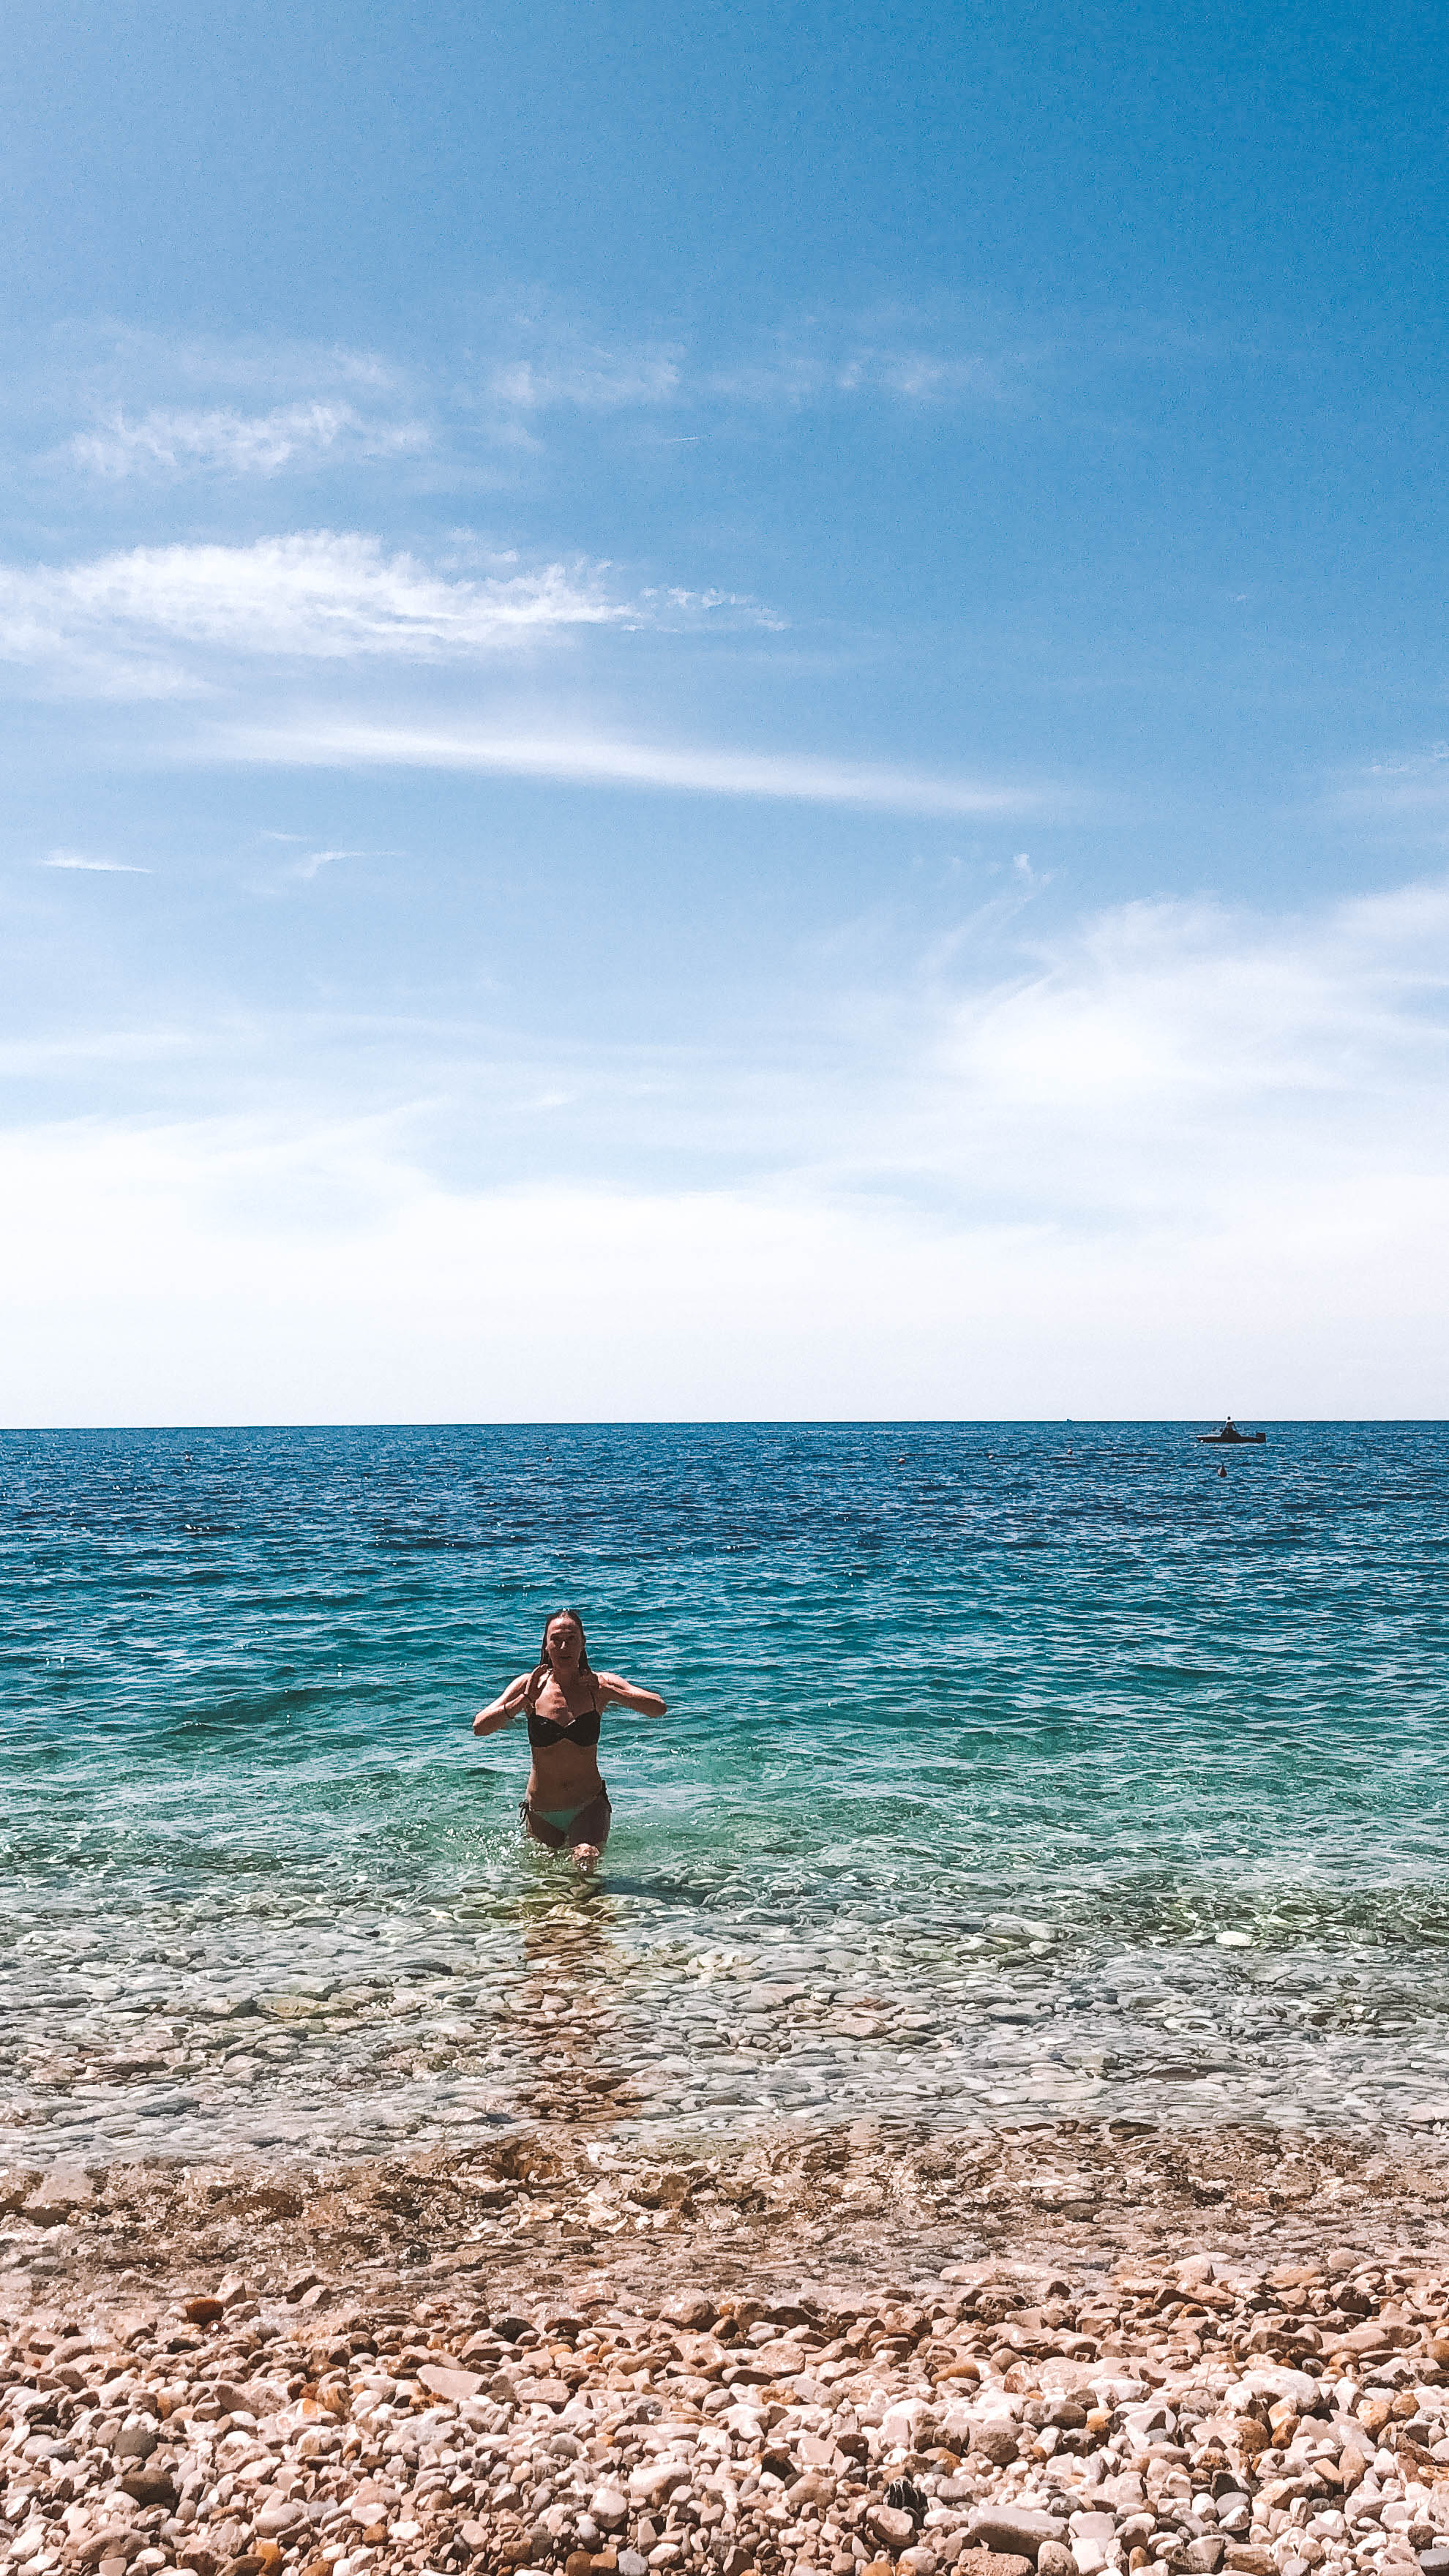 Beach in Cikat, Mali Lôsinj, Croatia